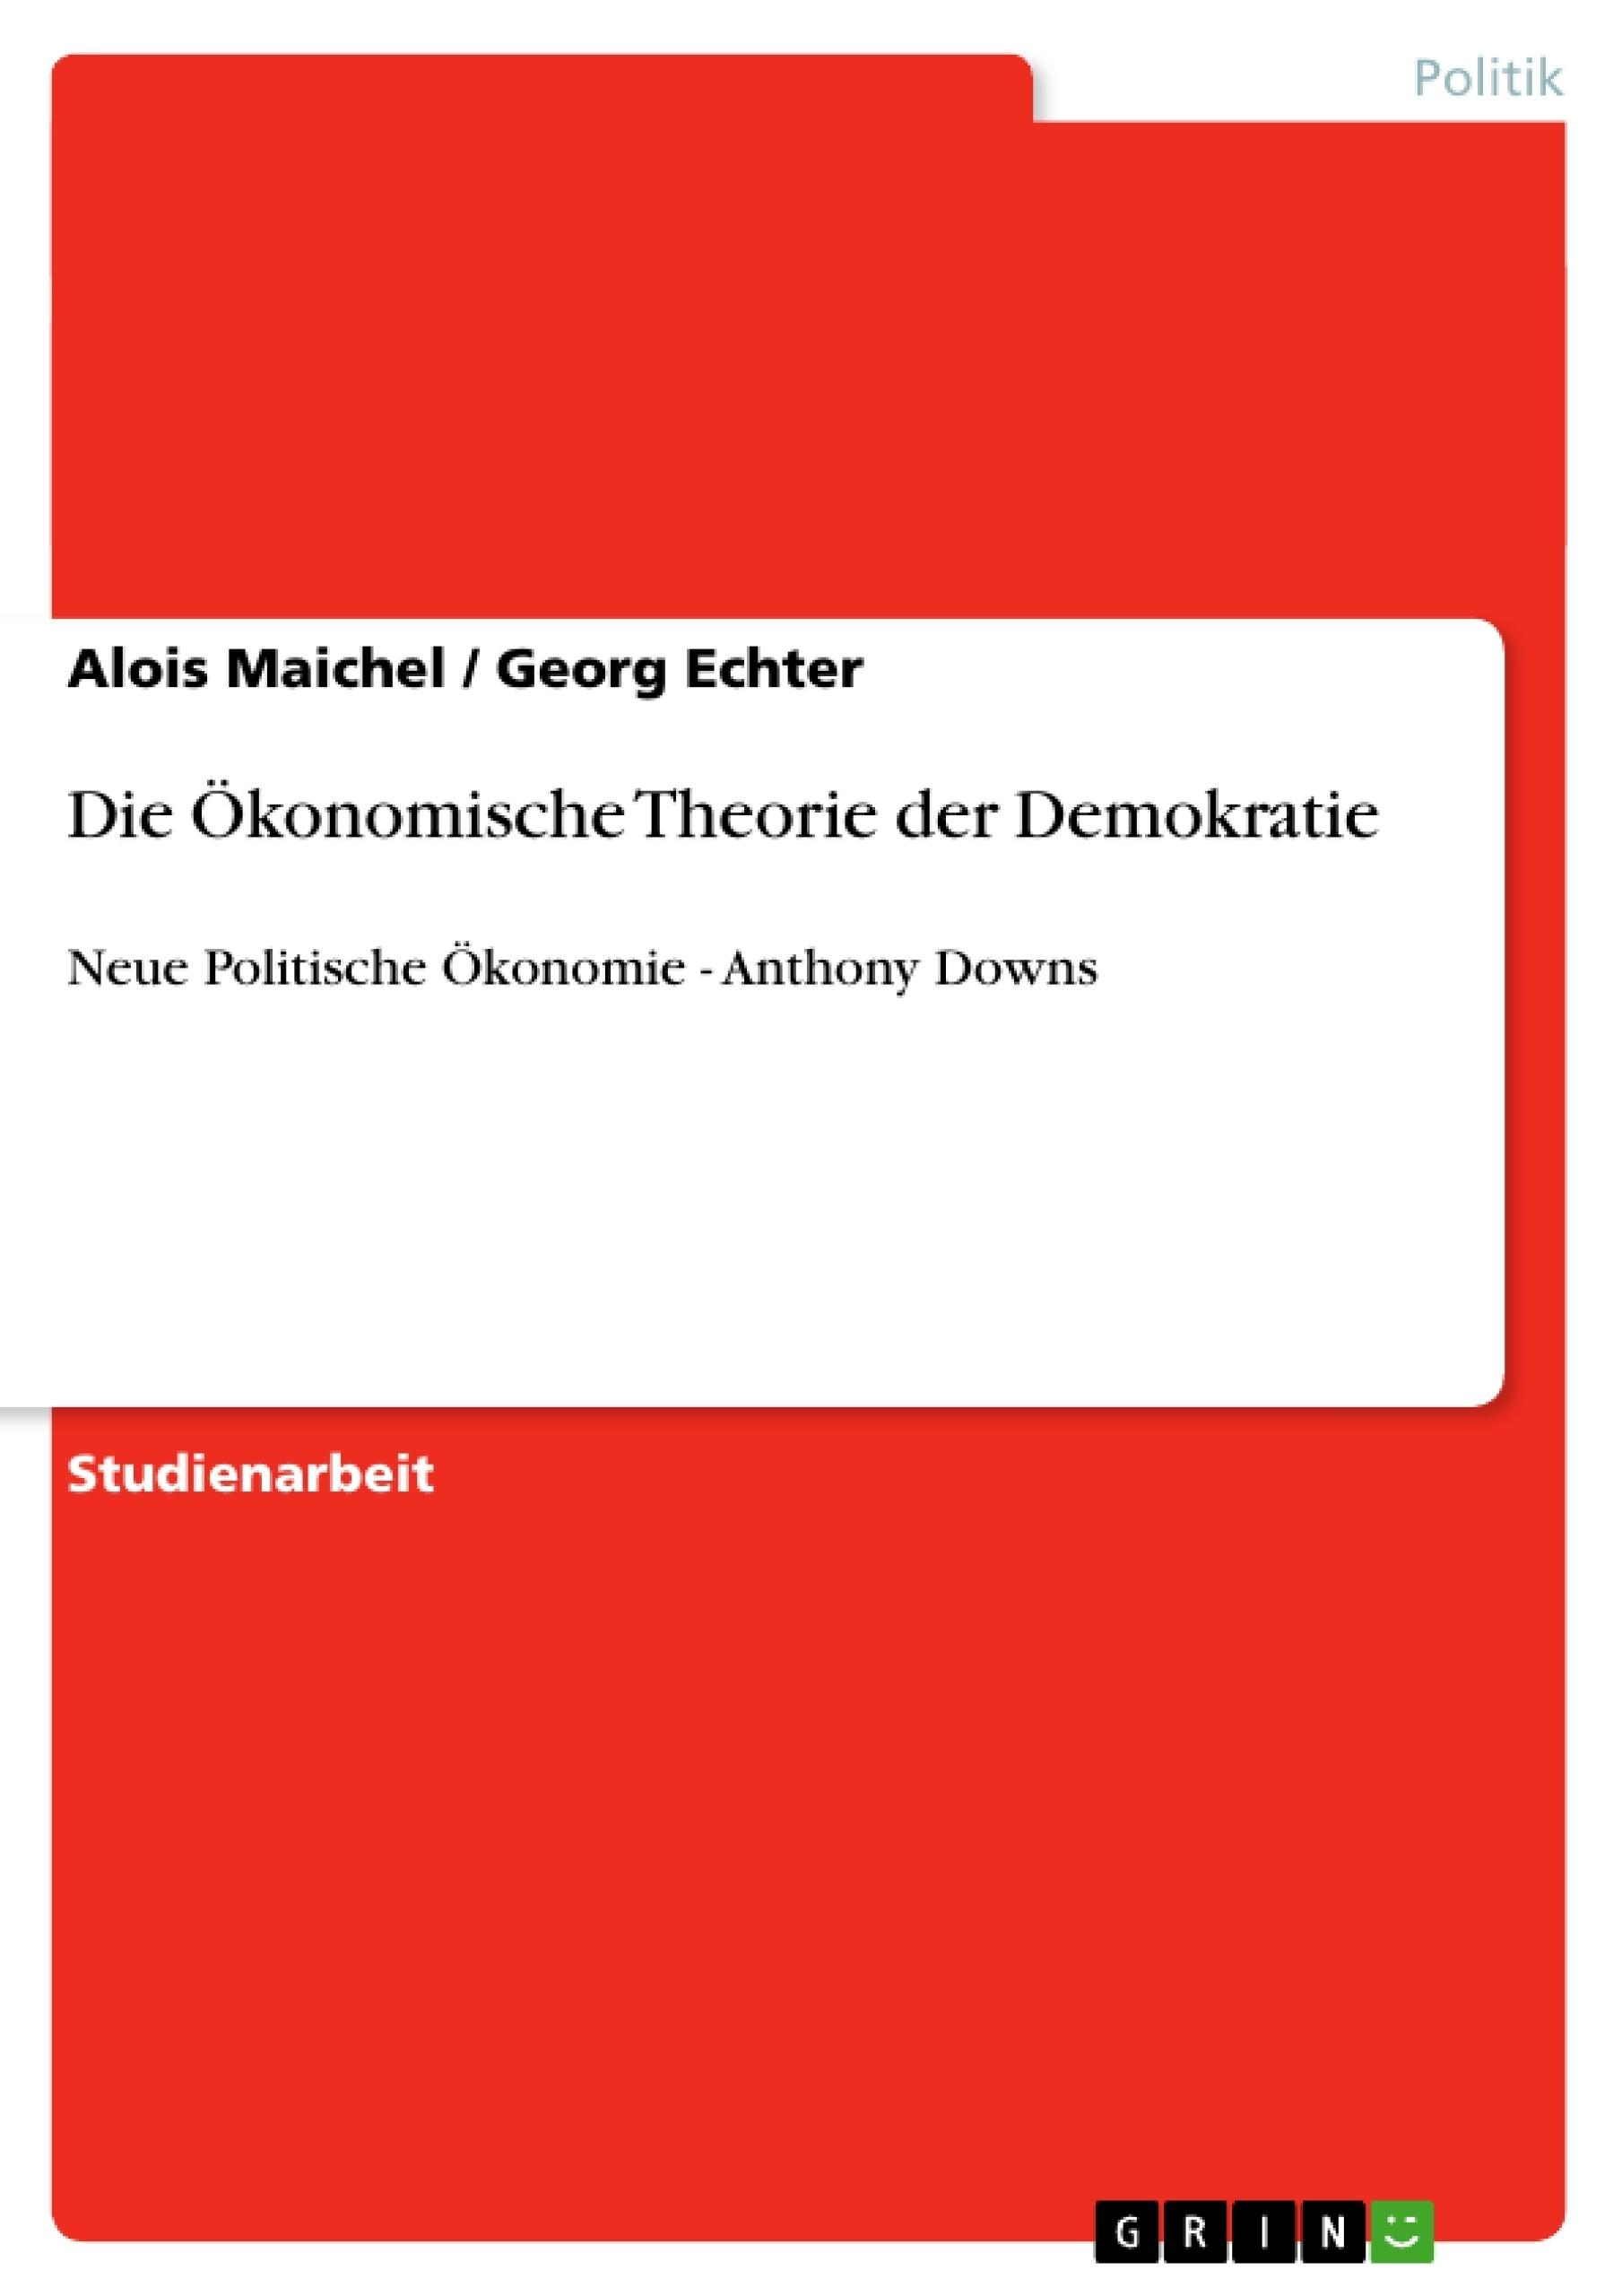 Titel: Die Ökonomische Theorie der Demokratie